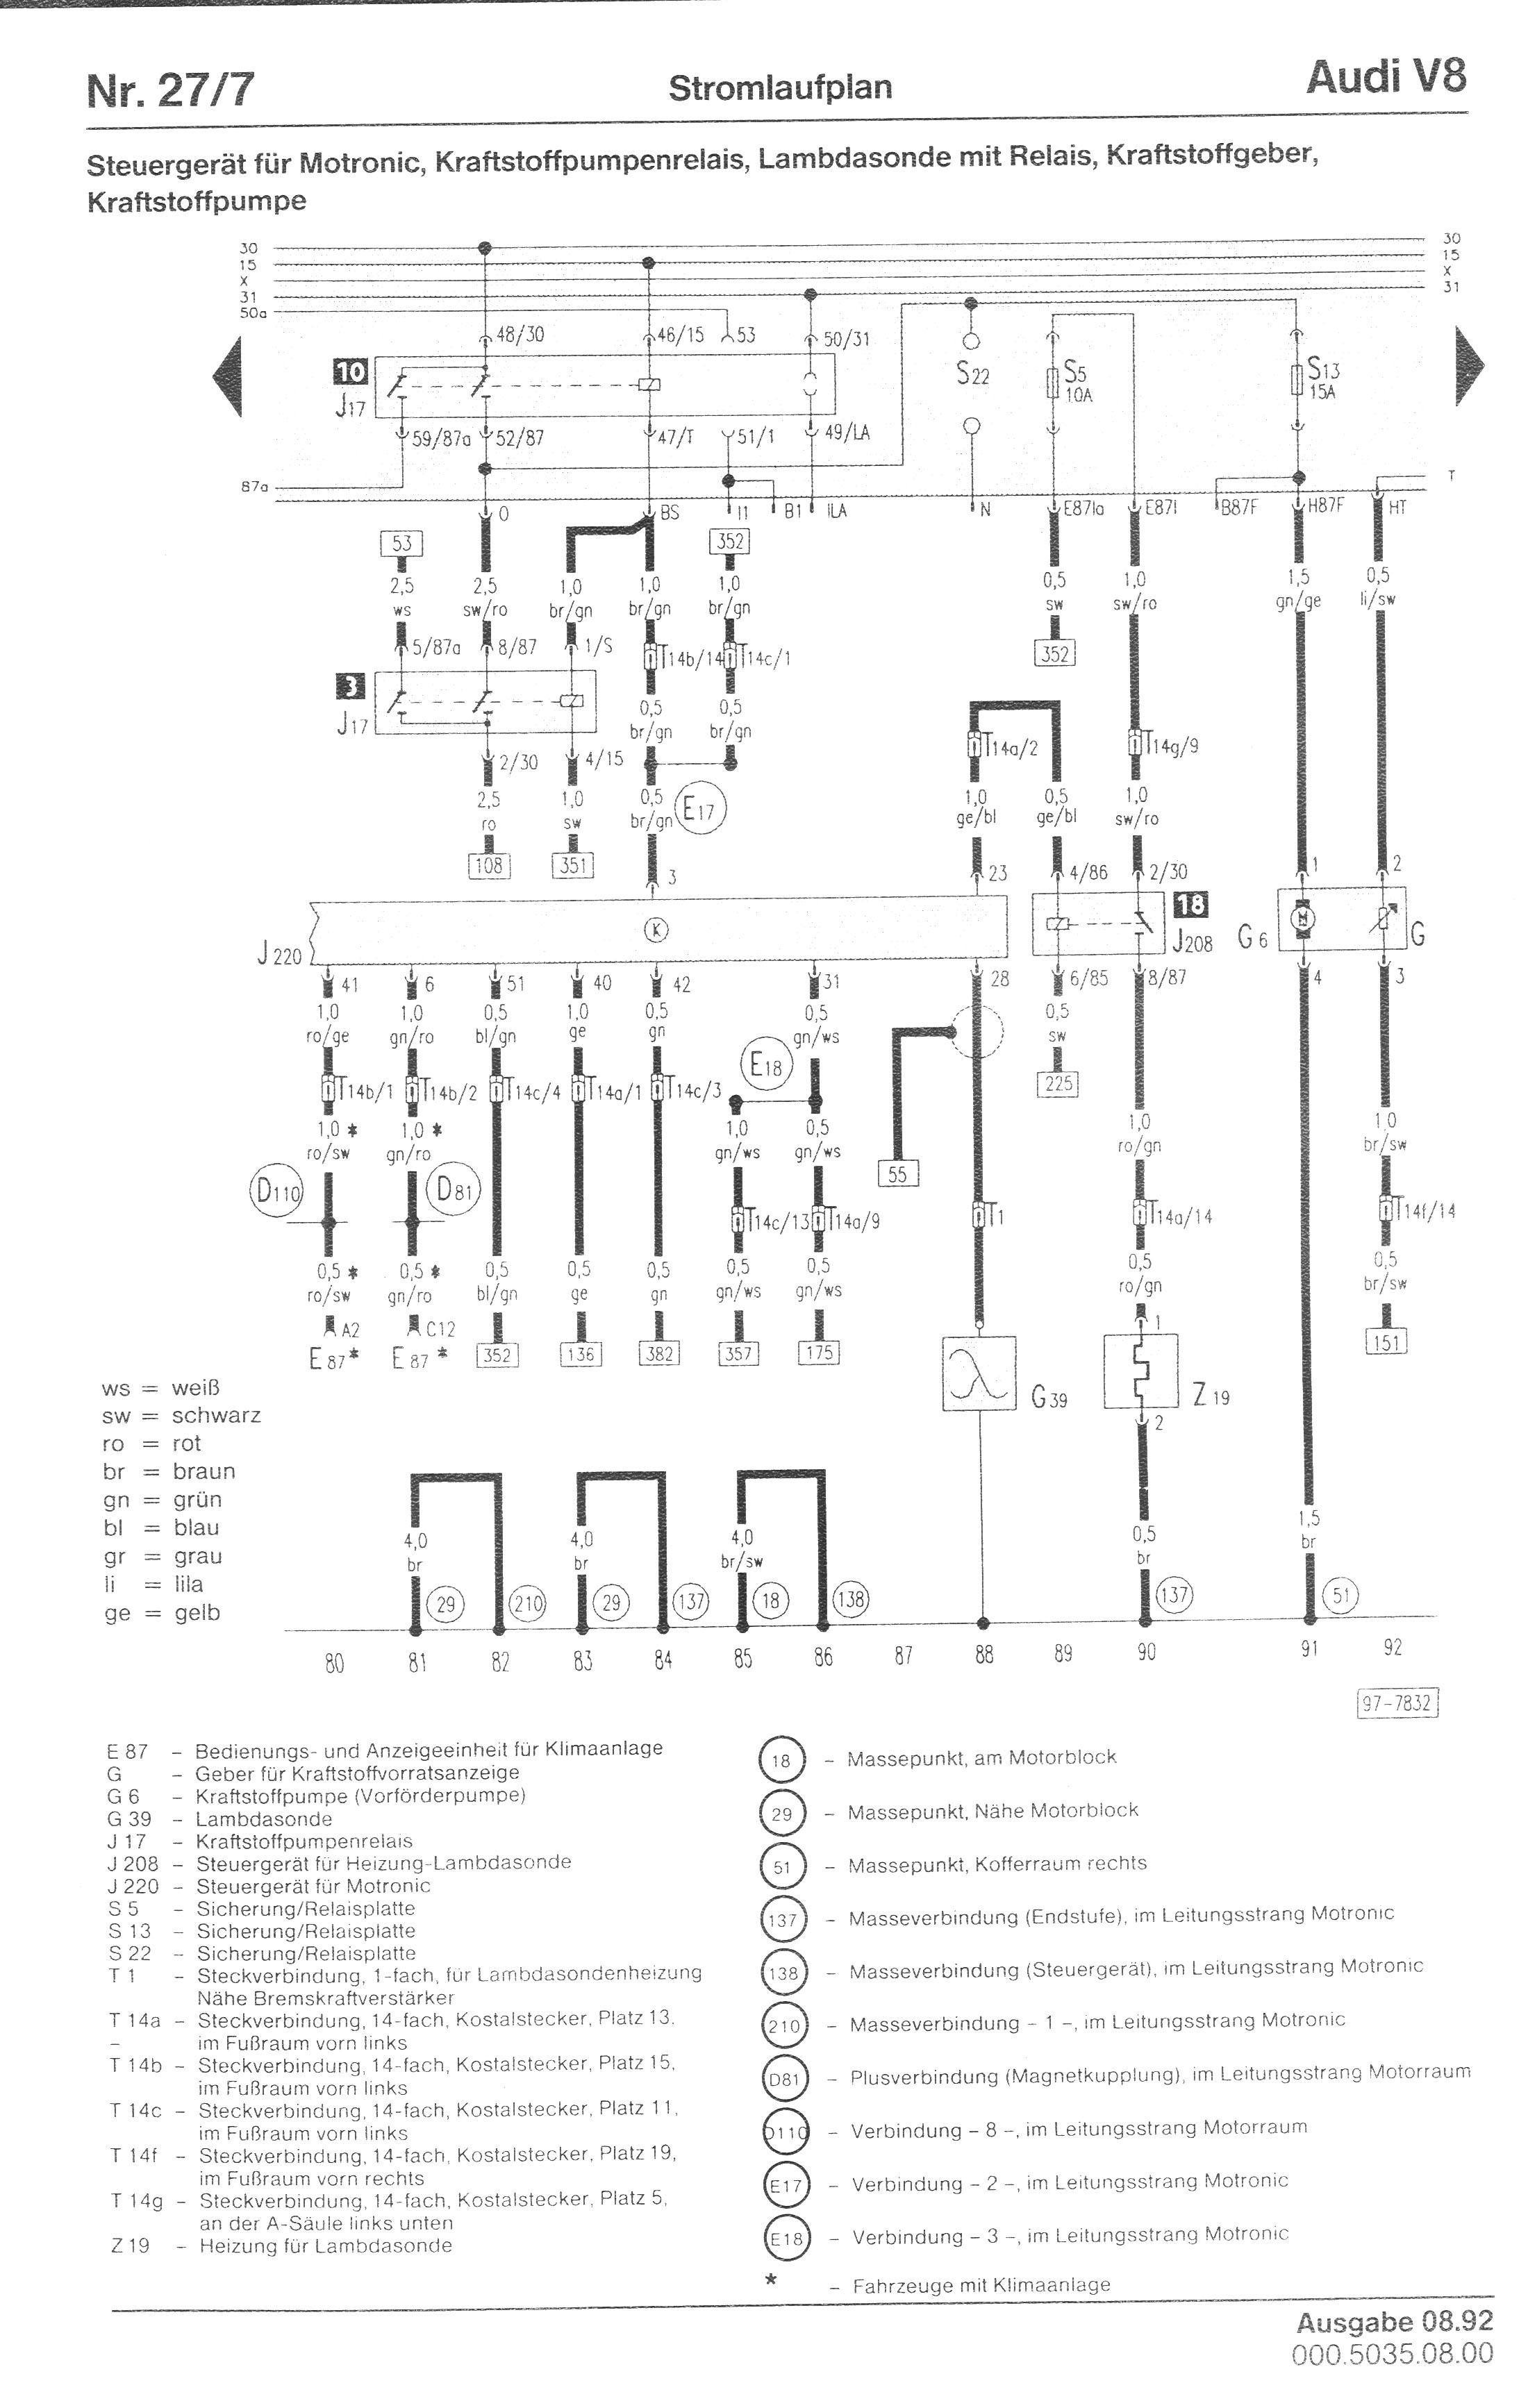 Ziemlich Gm Lkw Schaltplan Zeitgenössisch - Schaltplan Serie Circuit ...